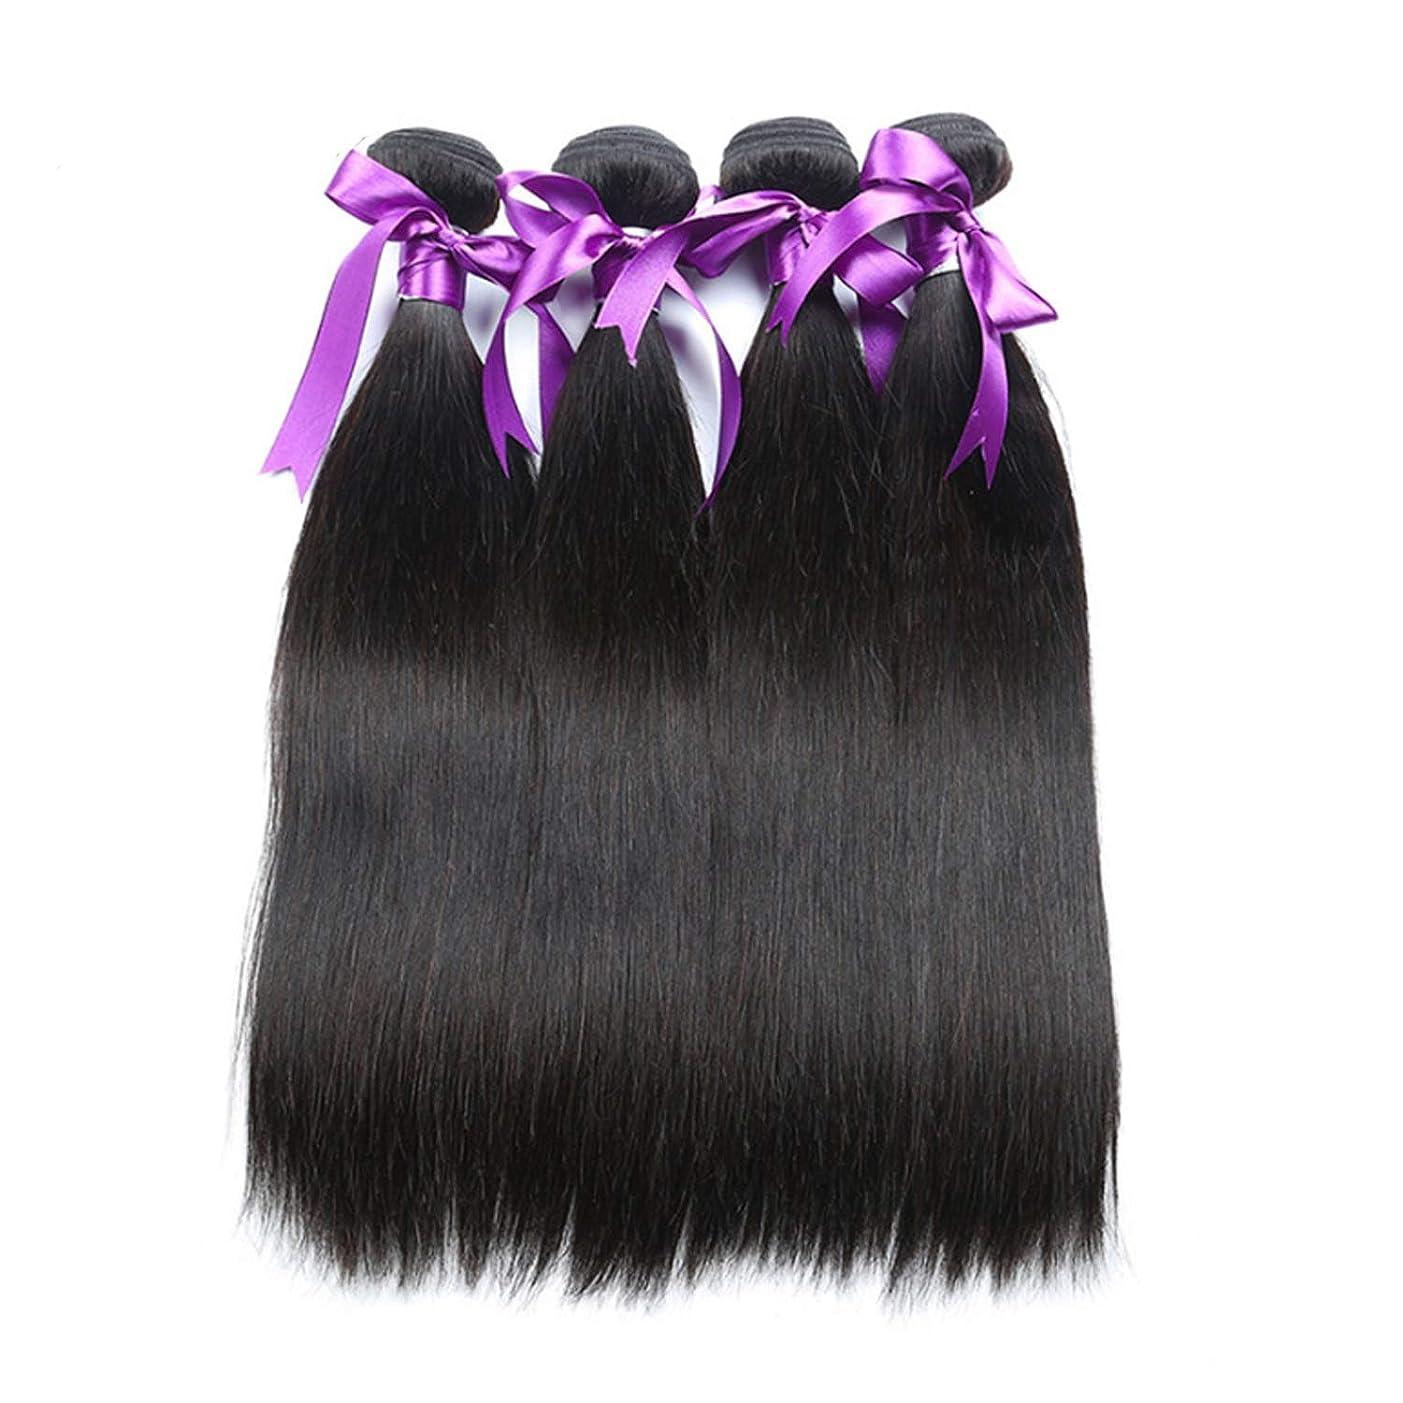 伝説デイジーほこりマレーシアのストレートヘア4本の人間の髪の束非レミーの毛の延長天然黒体毛髪のかつら かつら (Length : 8 8 8 8)